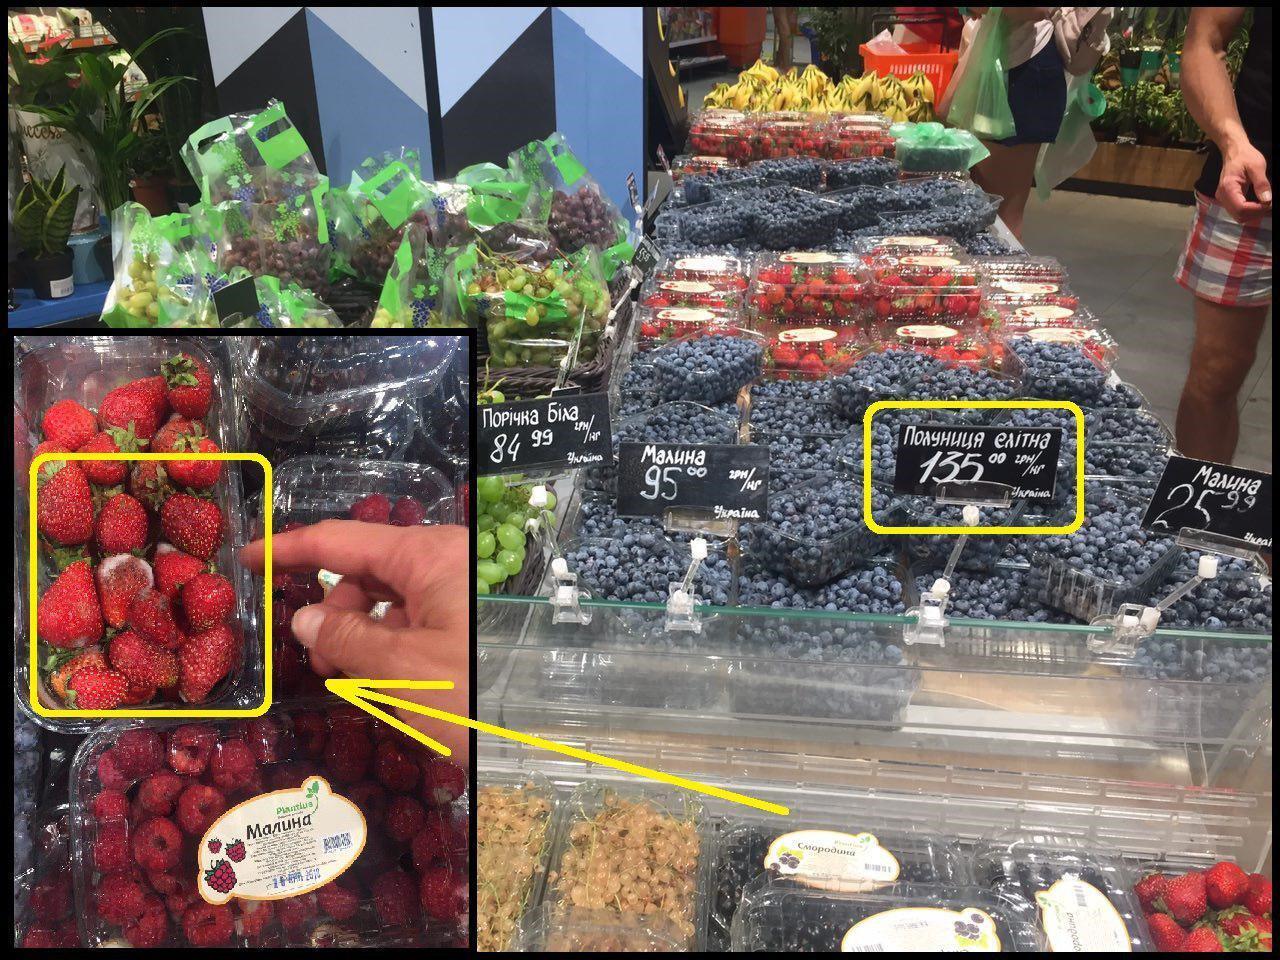 Фото из супермаркета в Киеве разозлило украинцев